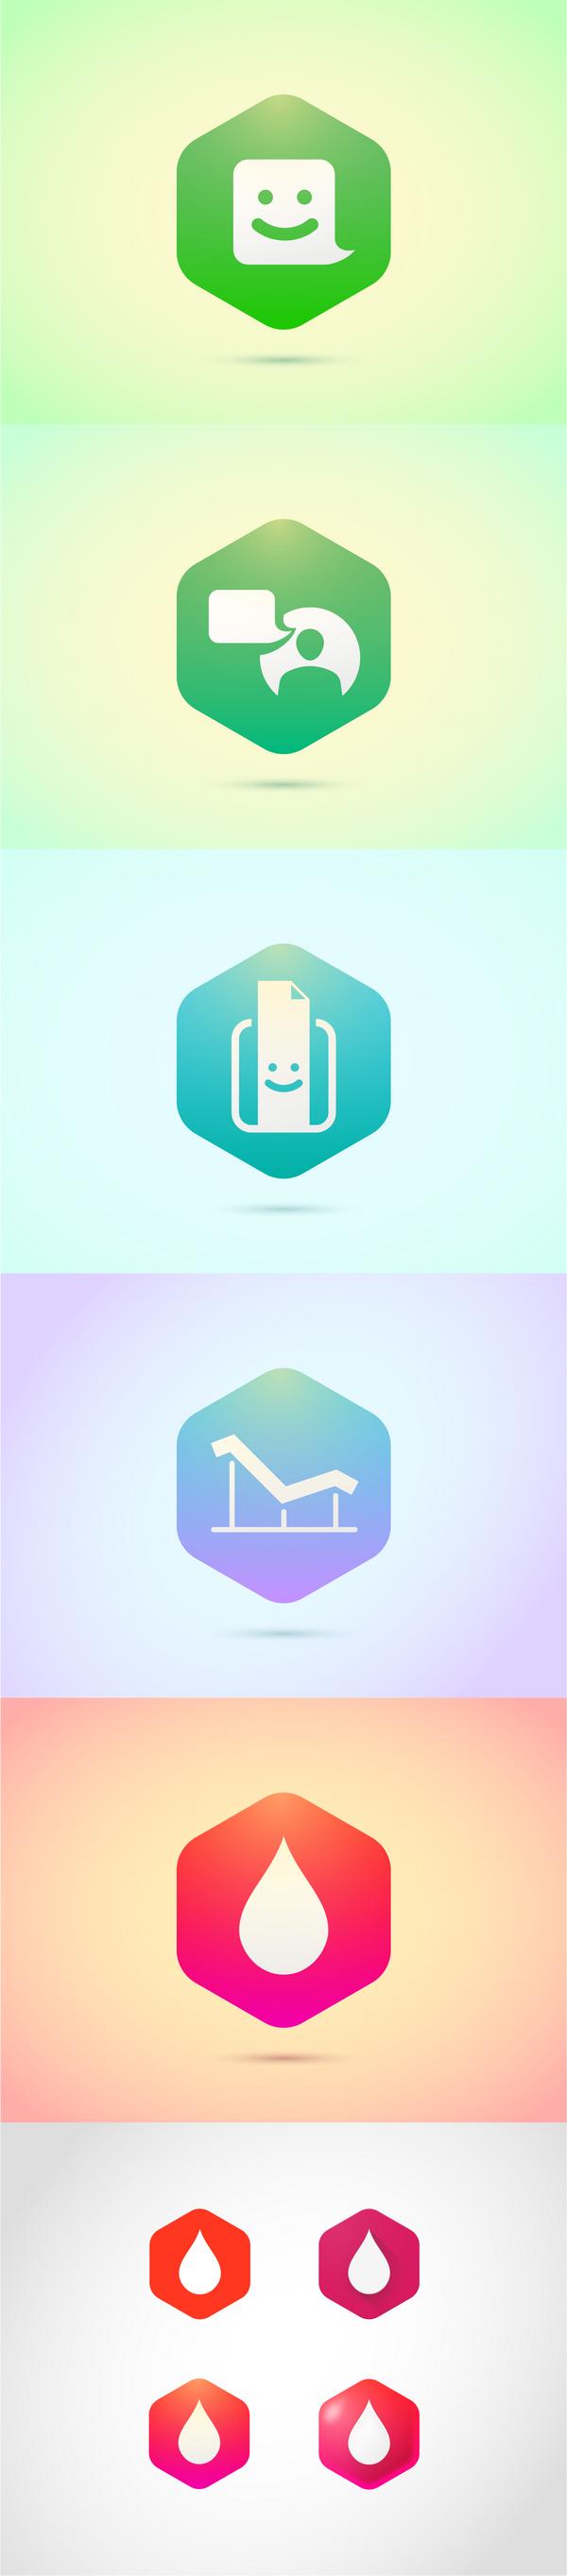 Иконки для медицинских приложений